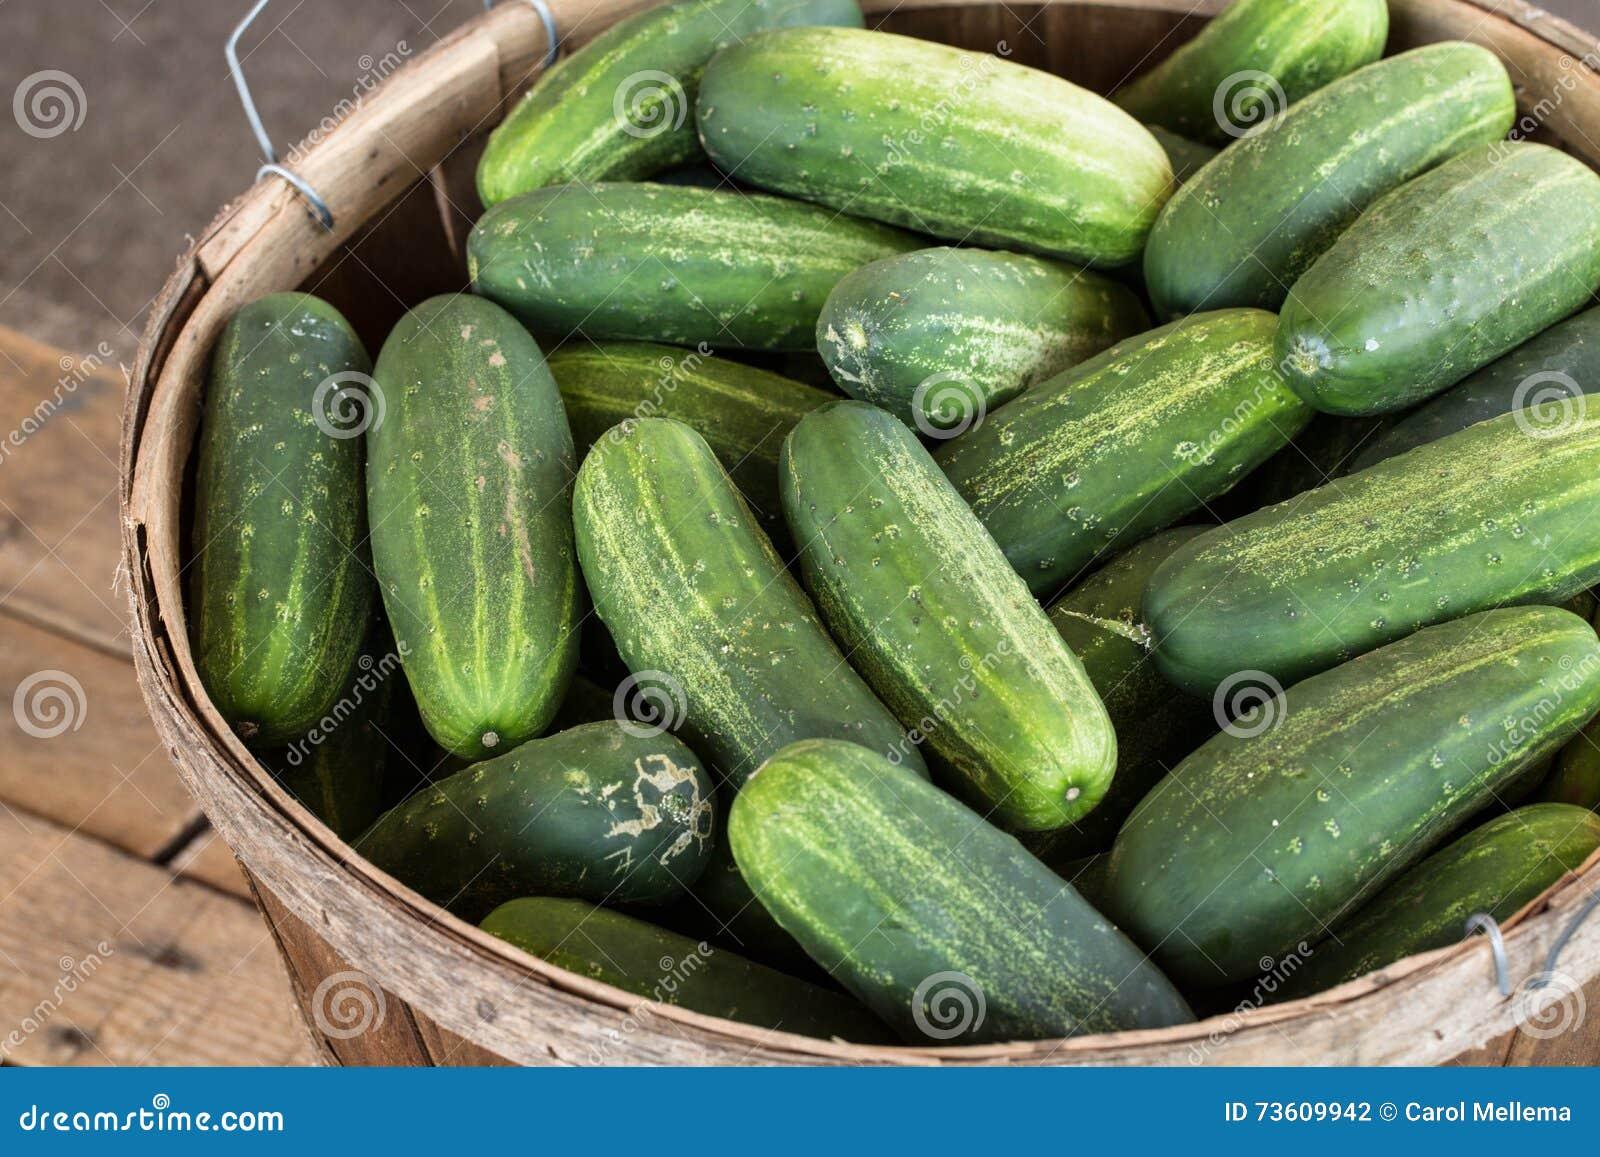 Why dream of cucumbers